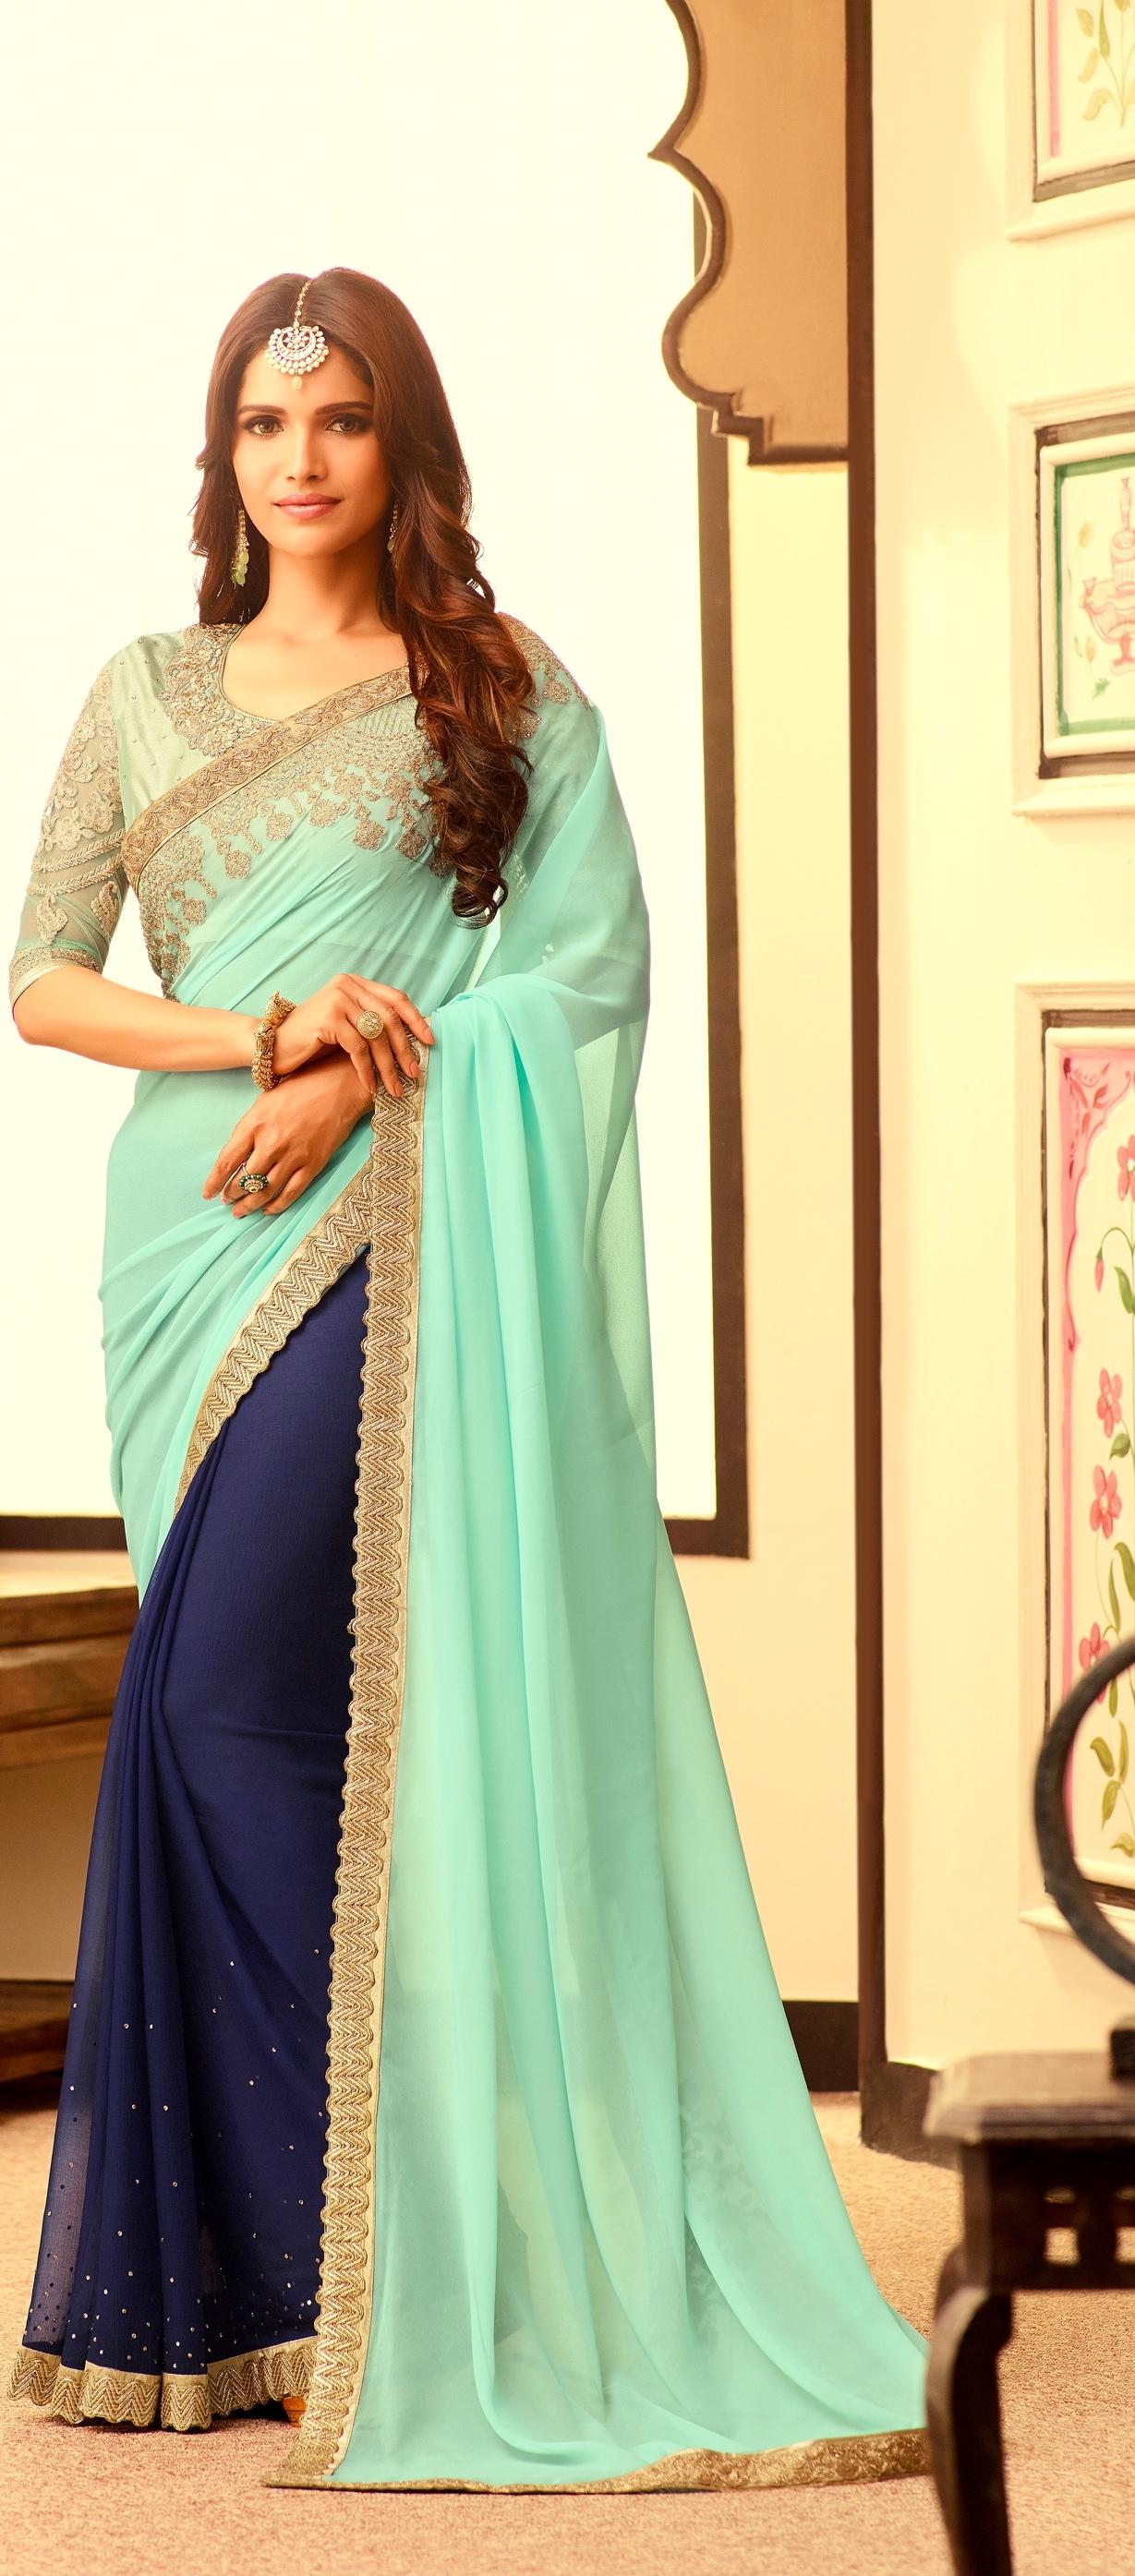 Parure Bijoux indienne Bollywood 4 pièces Argenté Bleu royale sonali e006fc0d9720